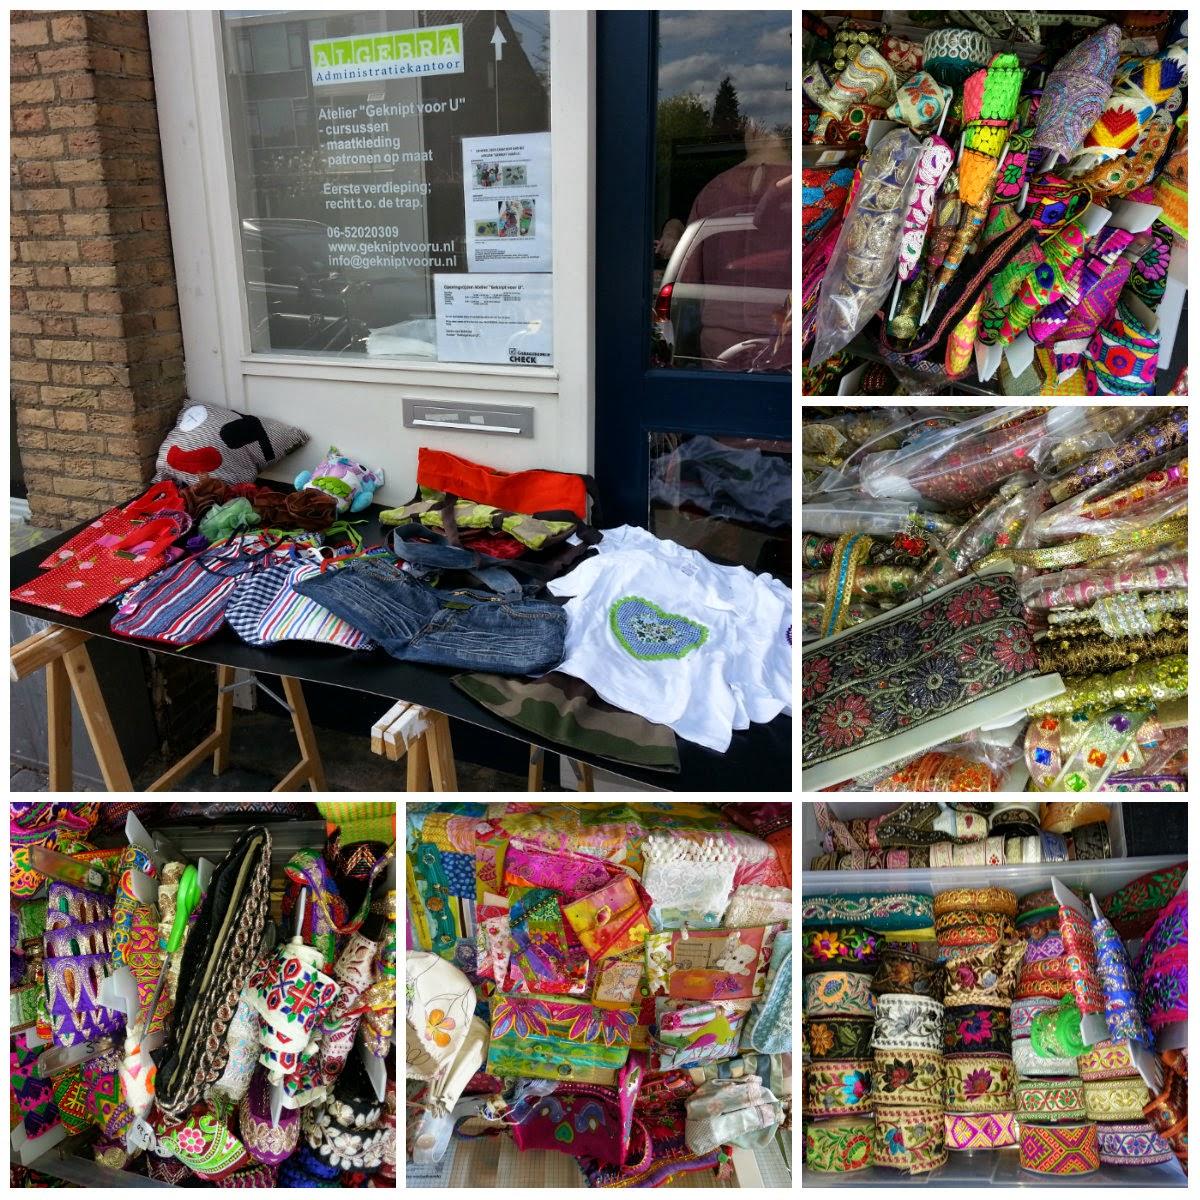 Lintjesmarkt Utrecht, Geknipt voor u